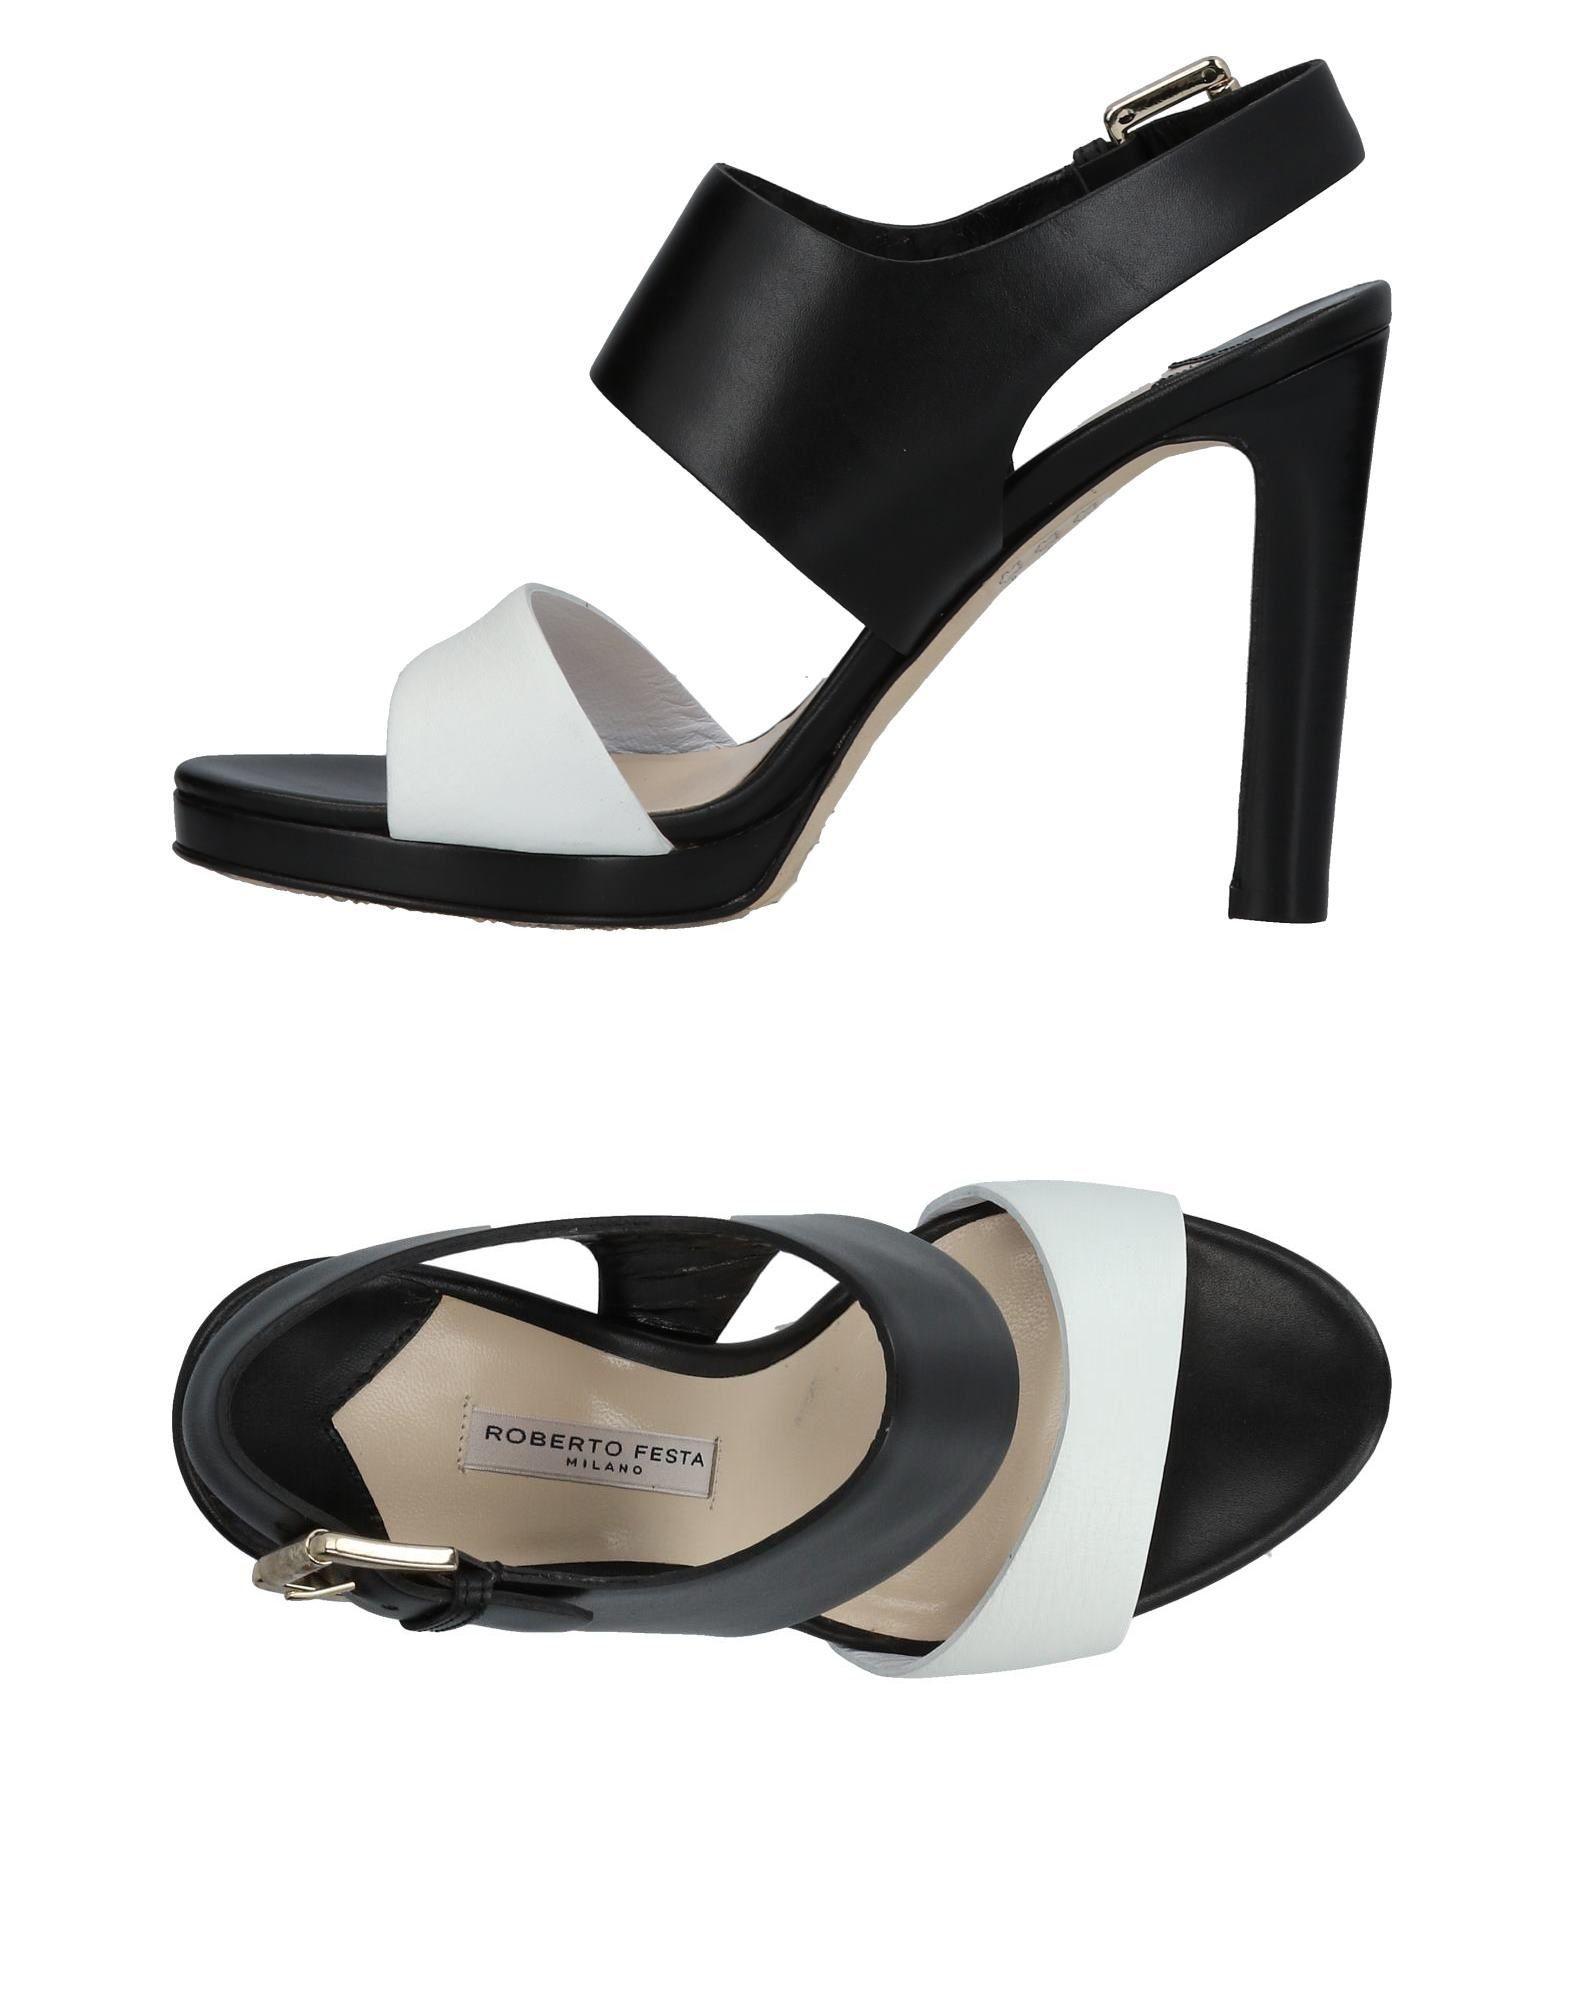 Roberto Festa Sandalen Damen  11417939IA Gute Qualität beliebte Schuhe